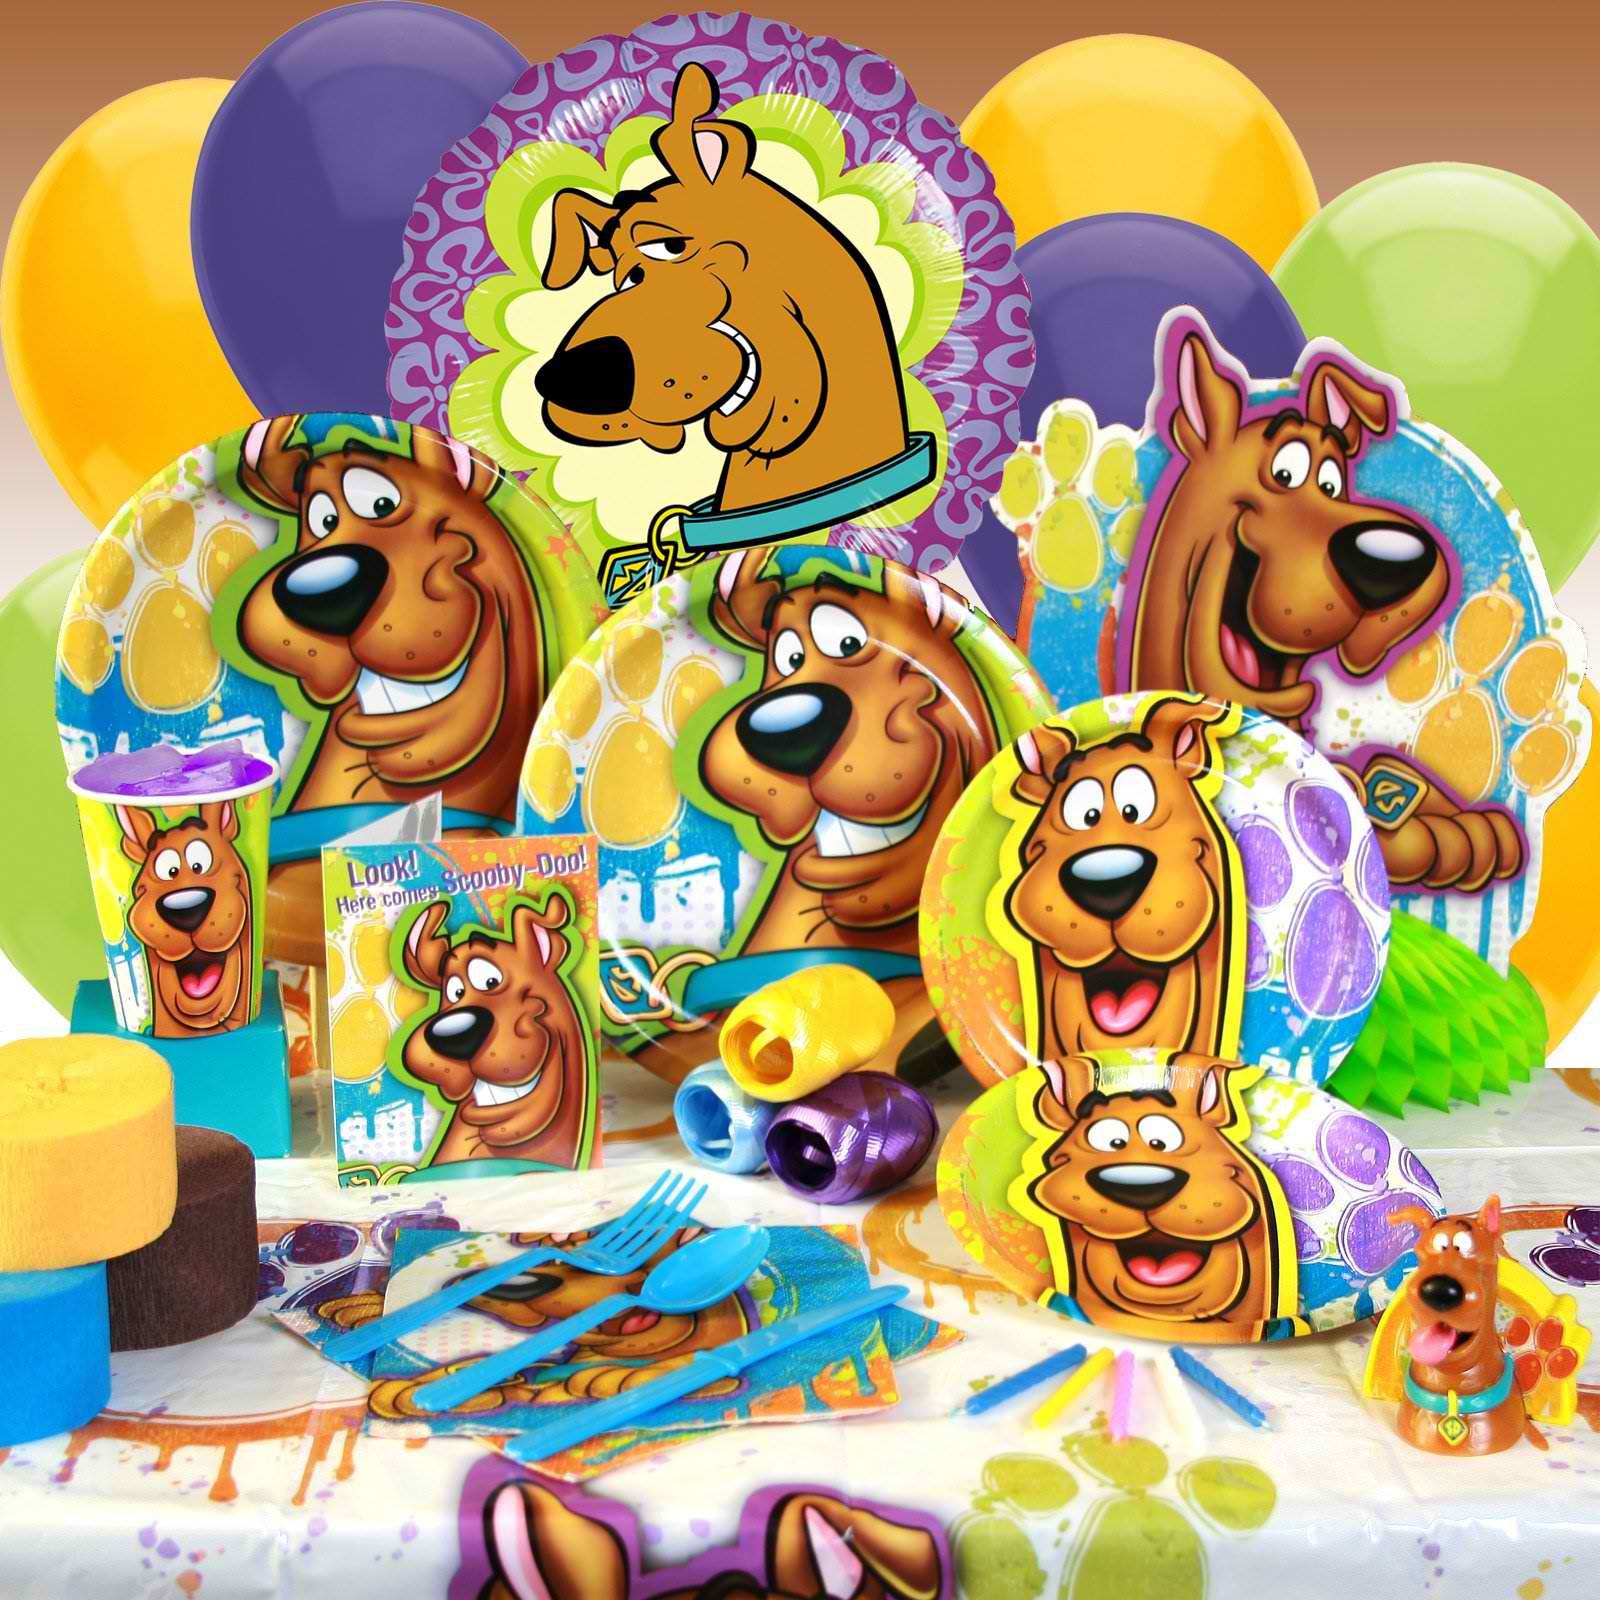 Pachet tematic scooby doo la petreceri copii - De scooby doo ...